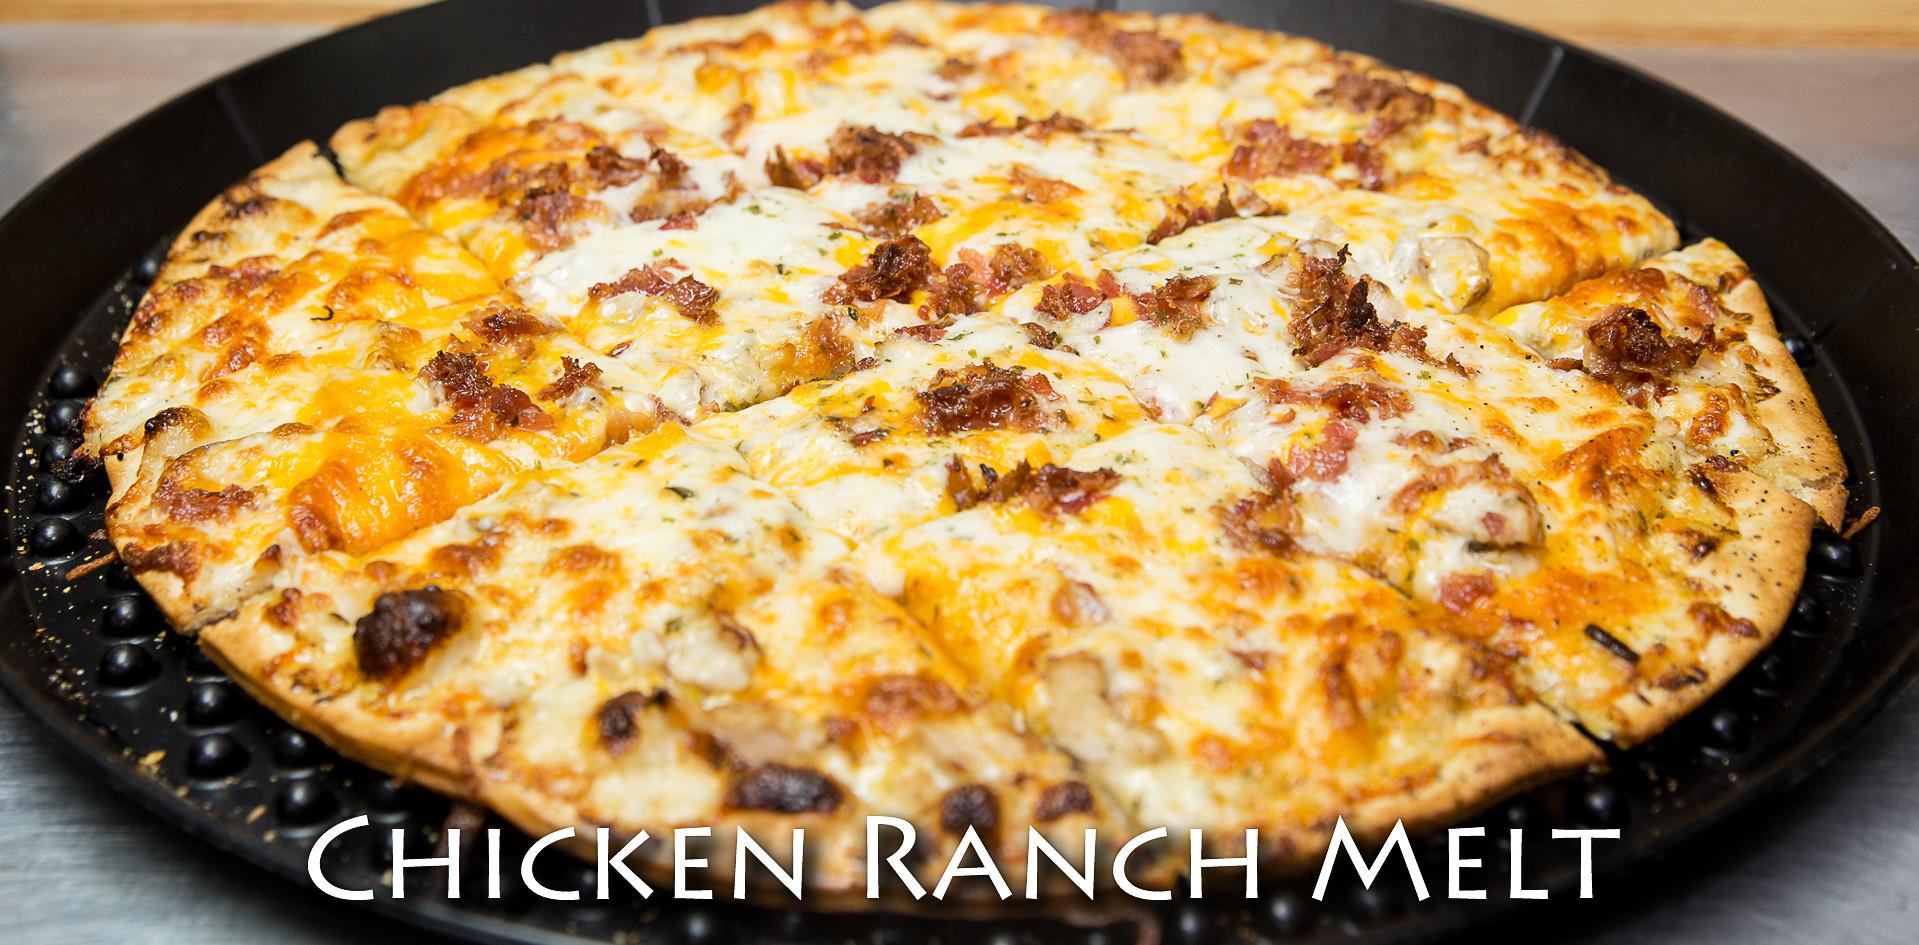 Chicken Ranch Melt Thin Crust Pizza